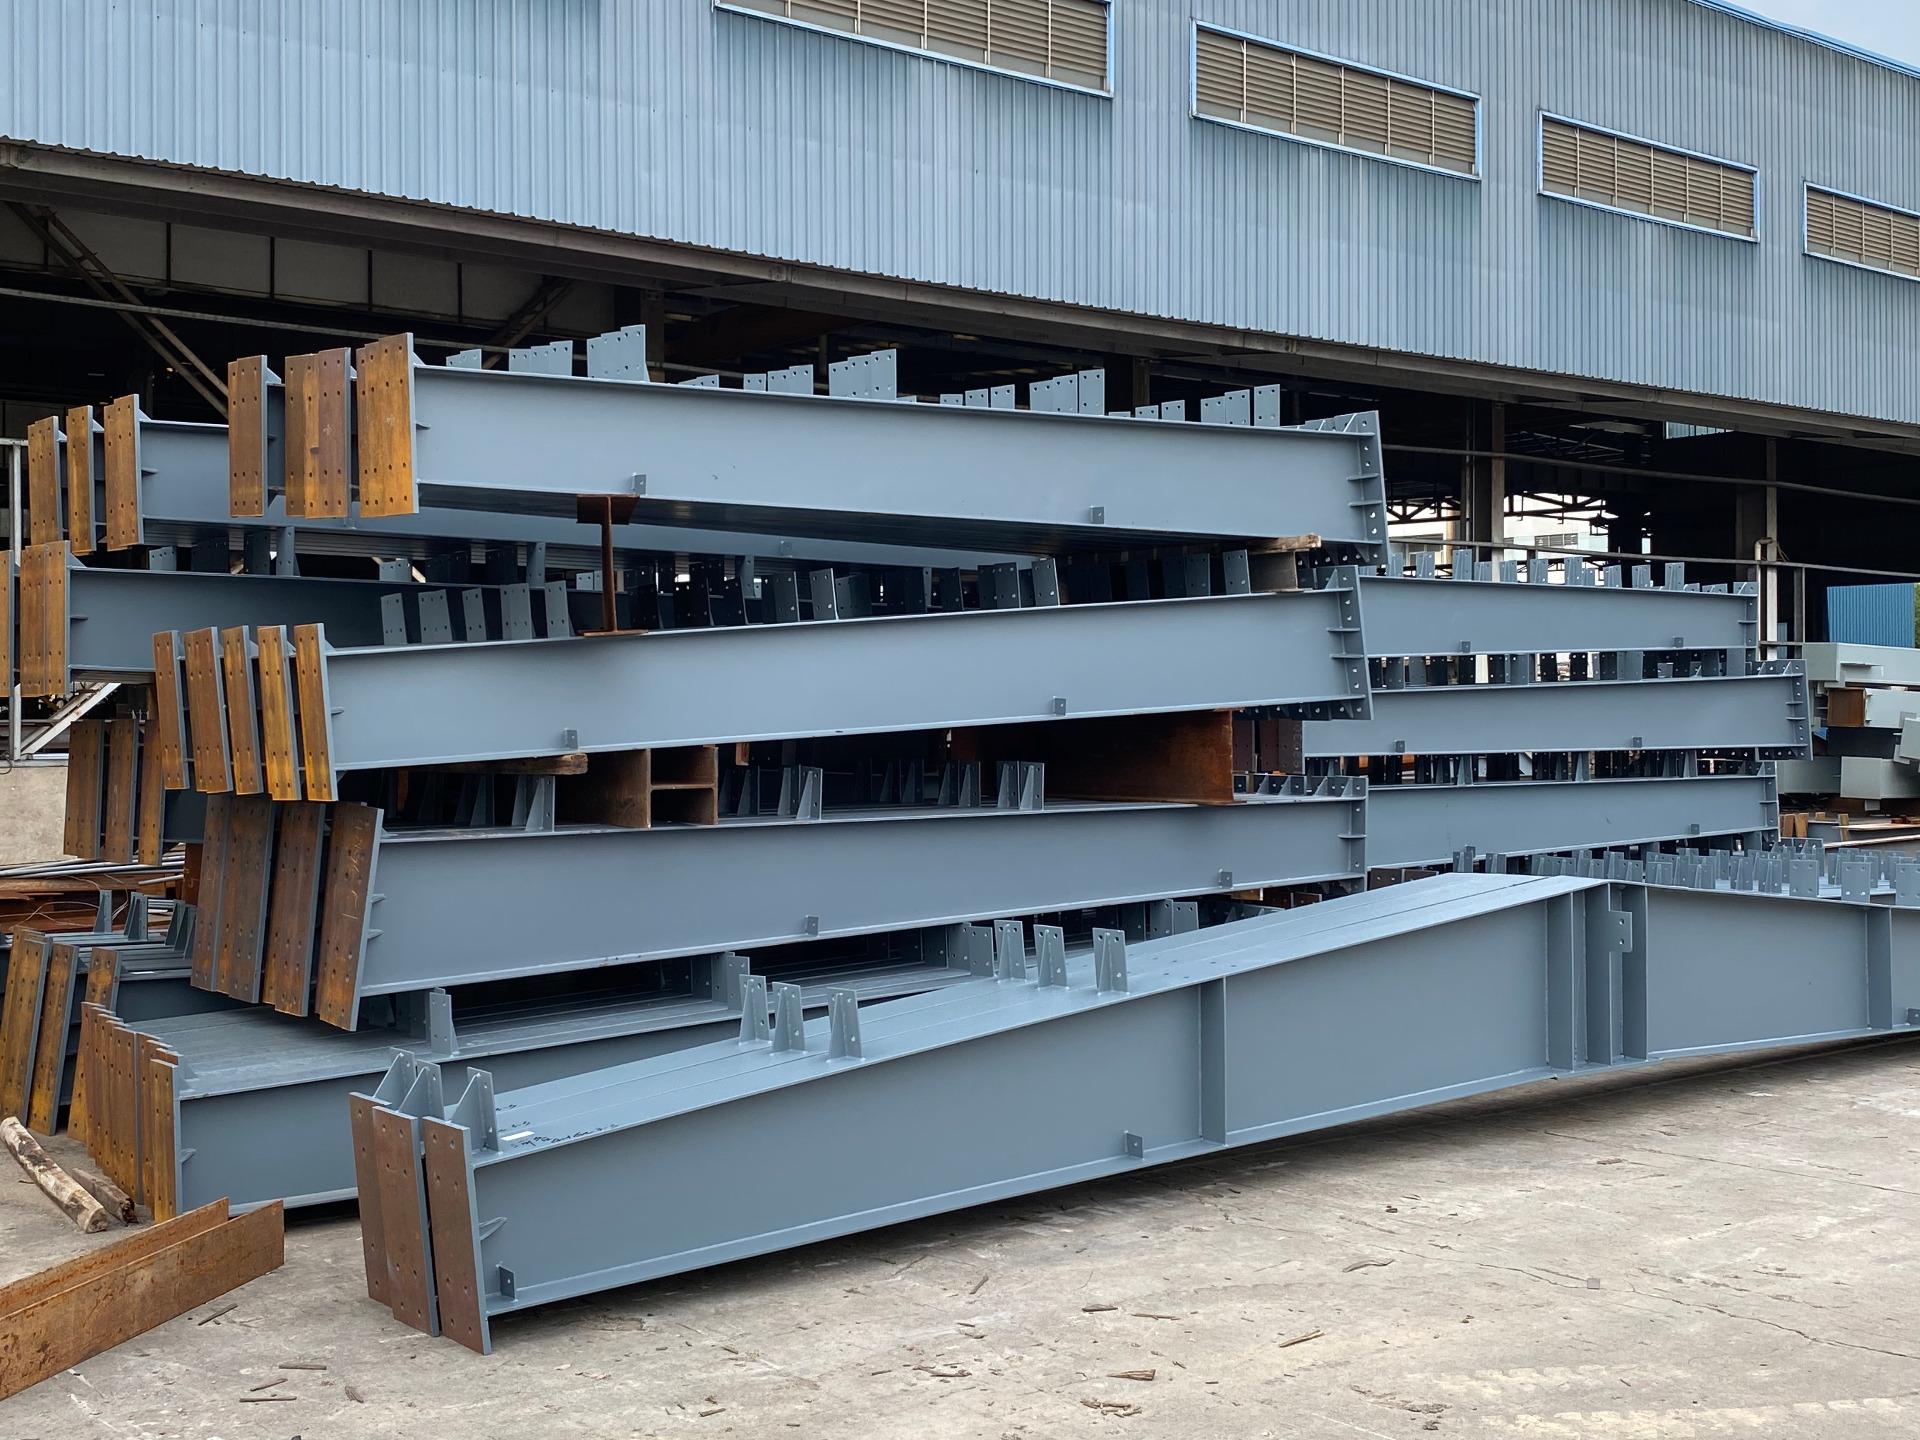 山西钢结构加工厂生产厂家,山西钢结构加工费一般多少钱一吨?